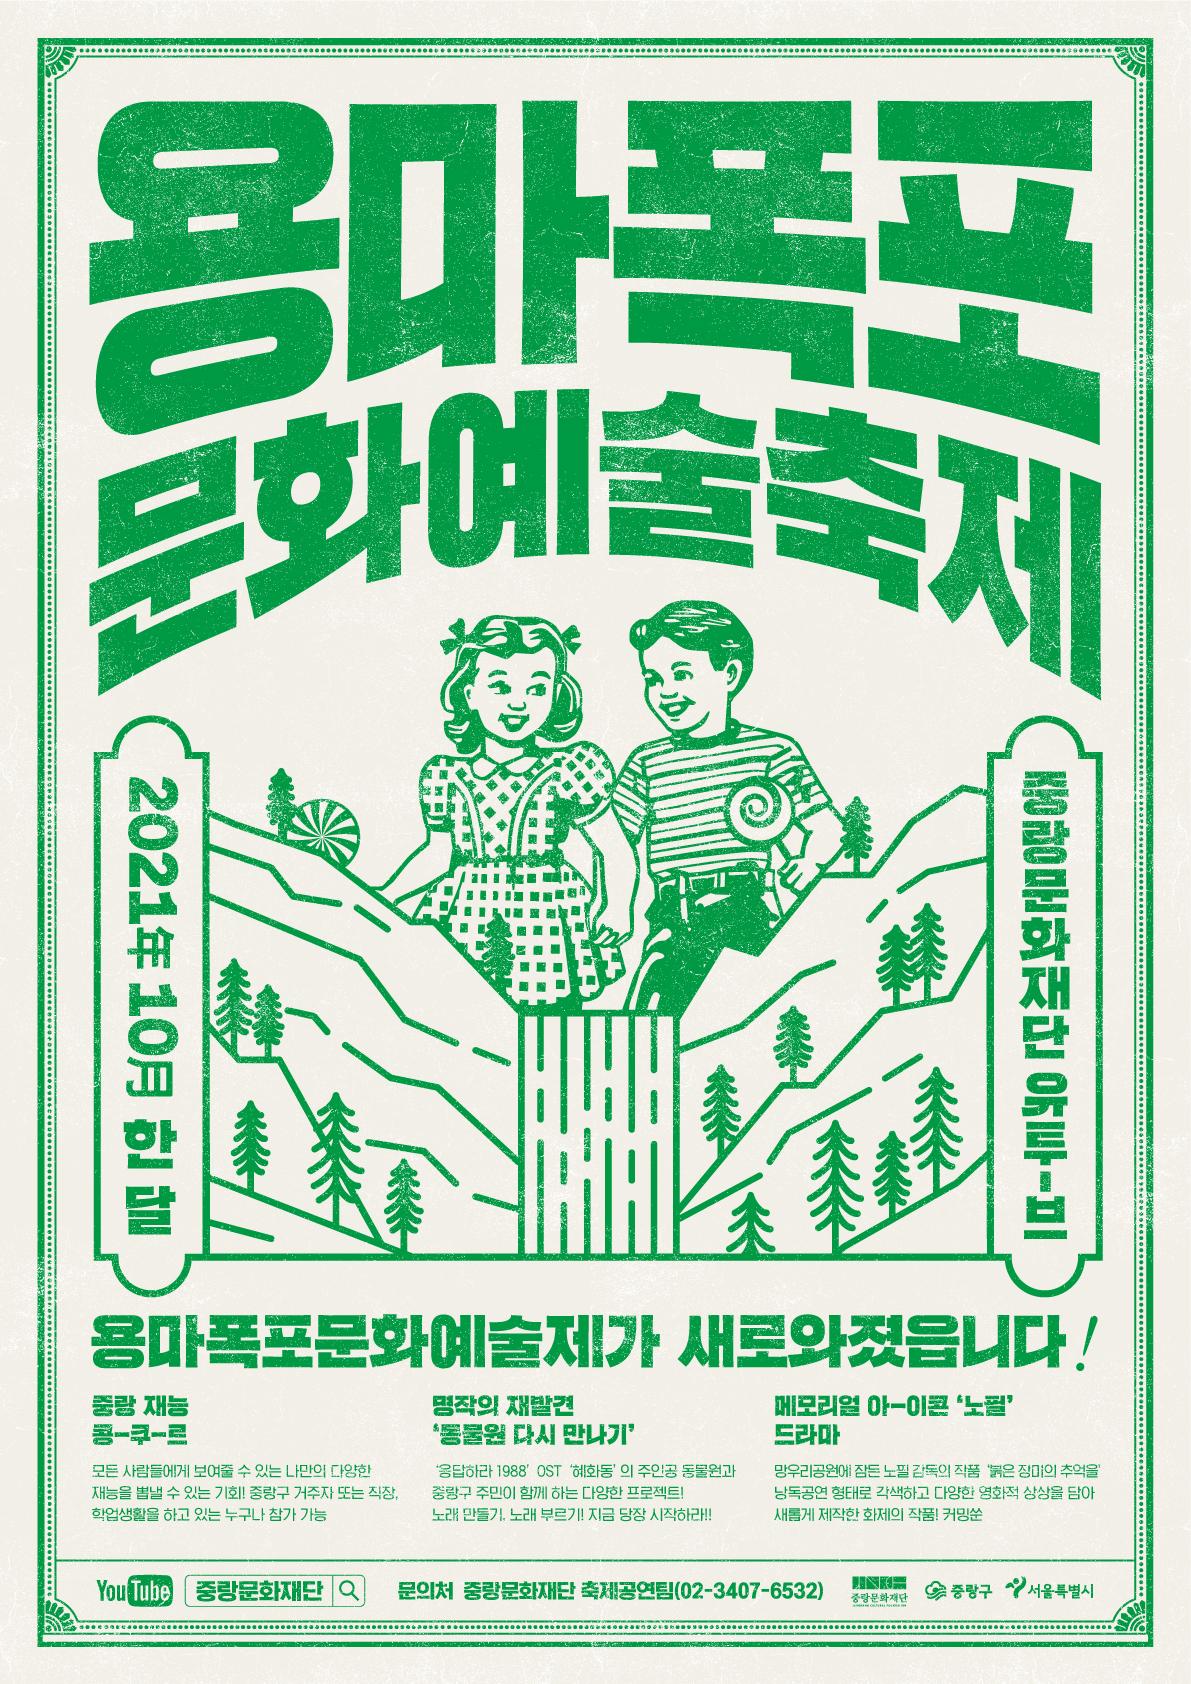 용마폭포문화예술축제